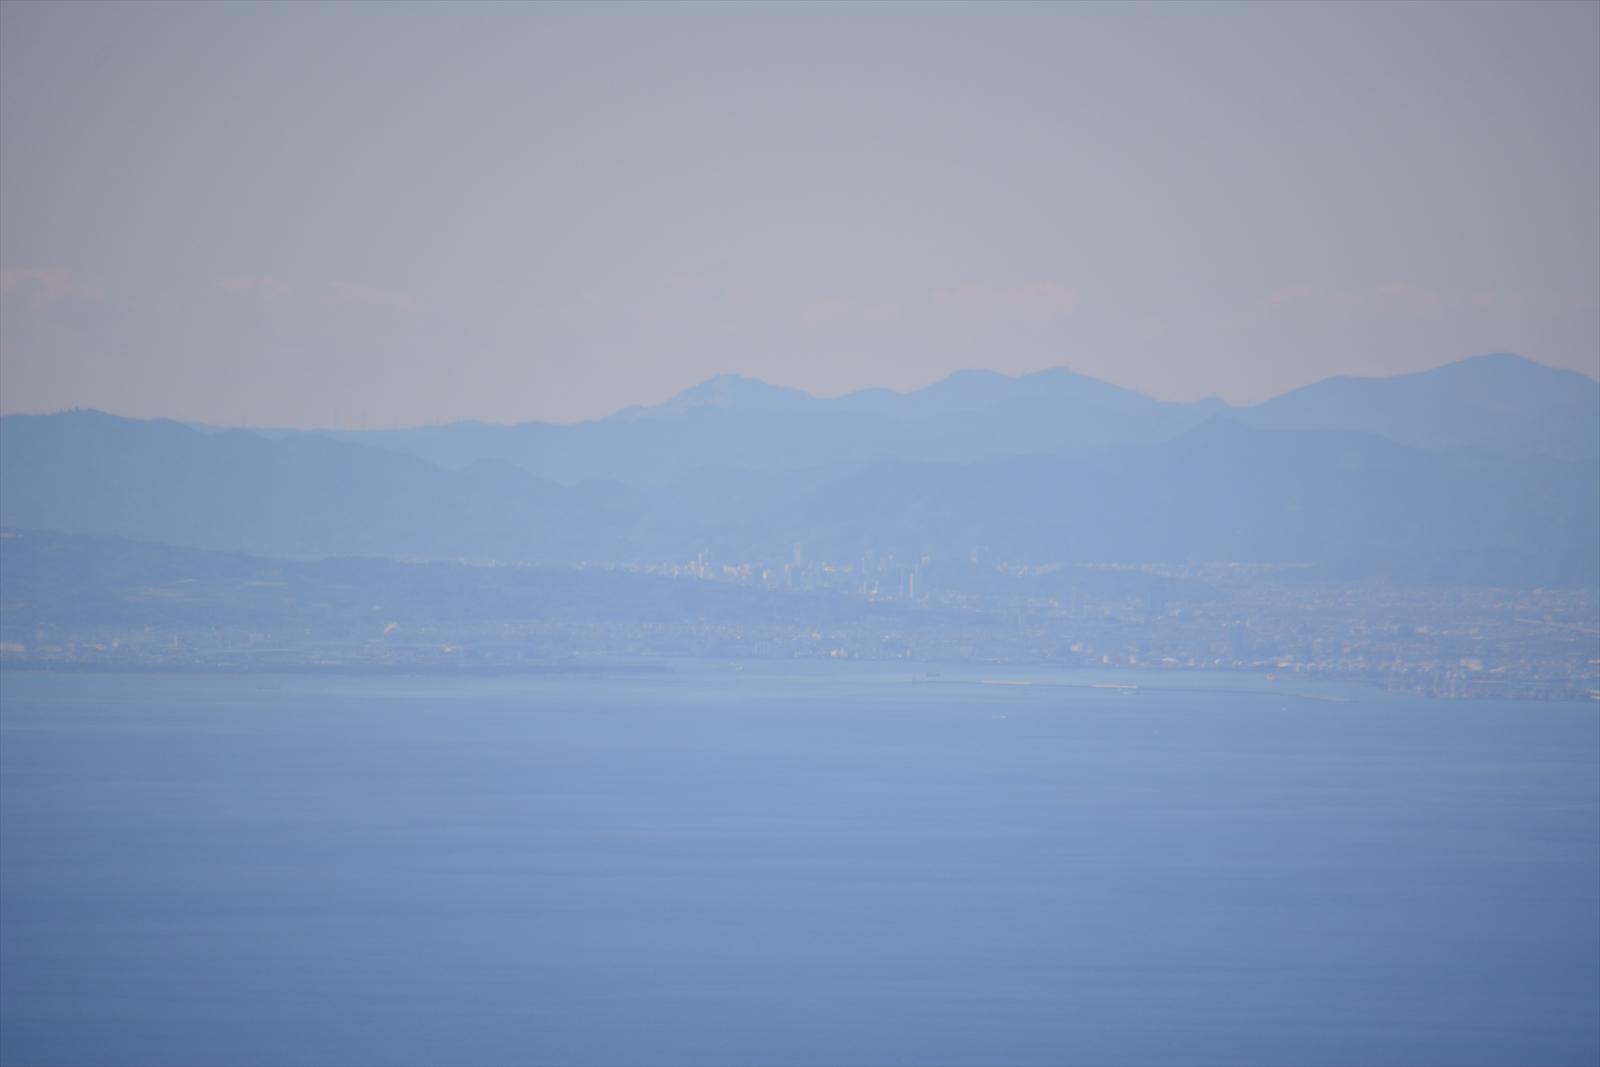 箱根駒ヶ岳山頂から見た静岡市